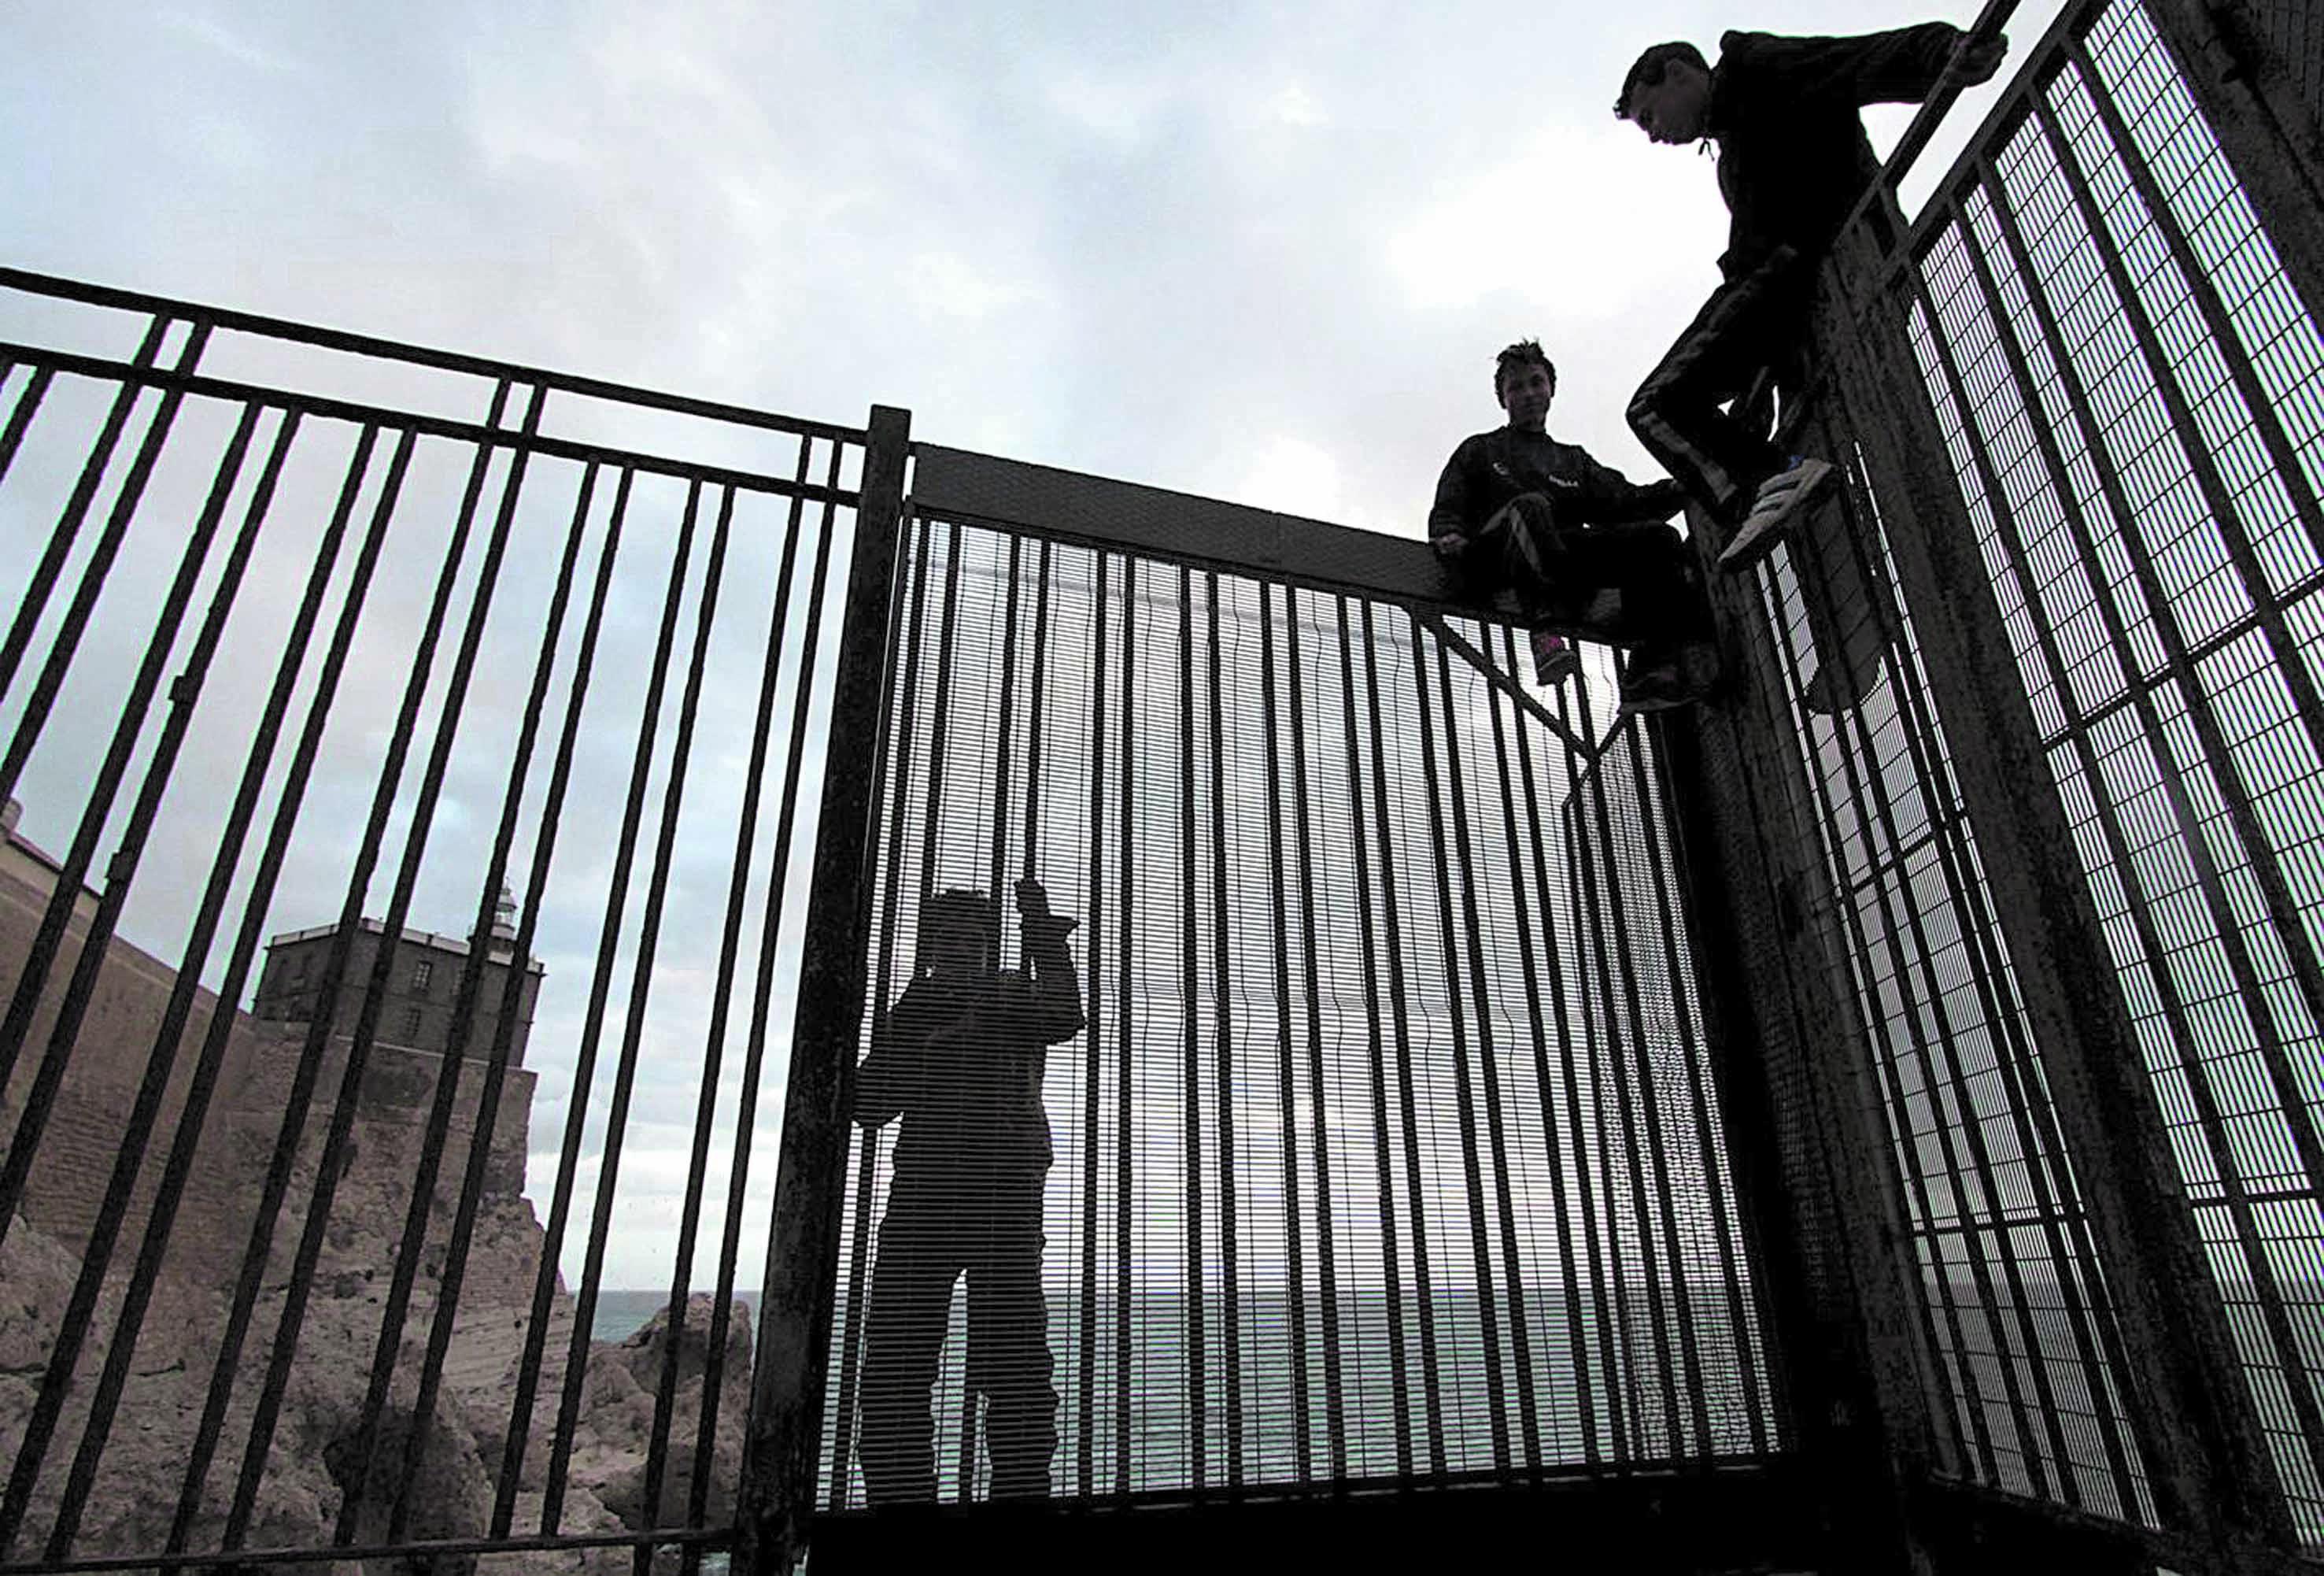 120 mineurs non accompagnés arrêtés en une journée